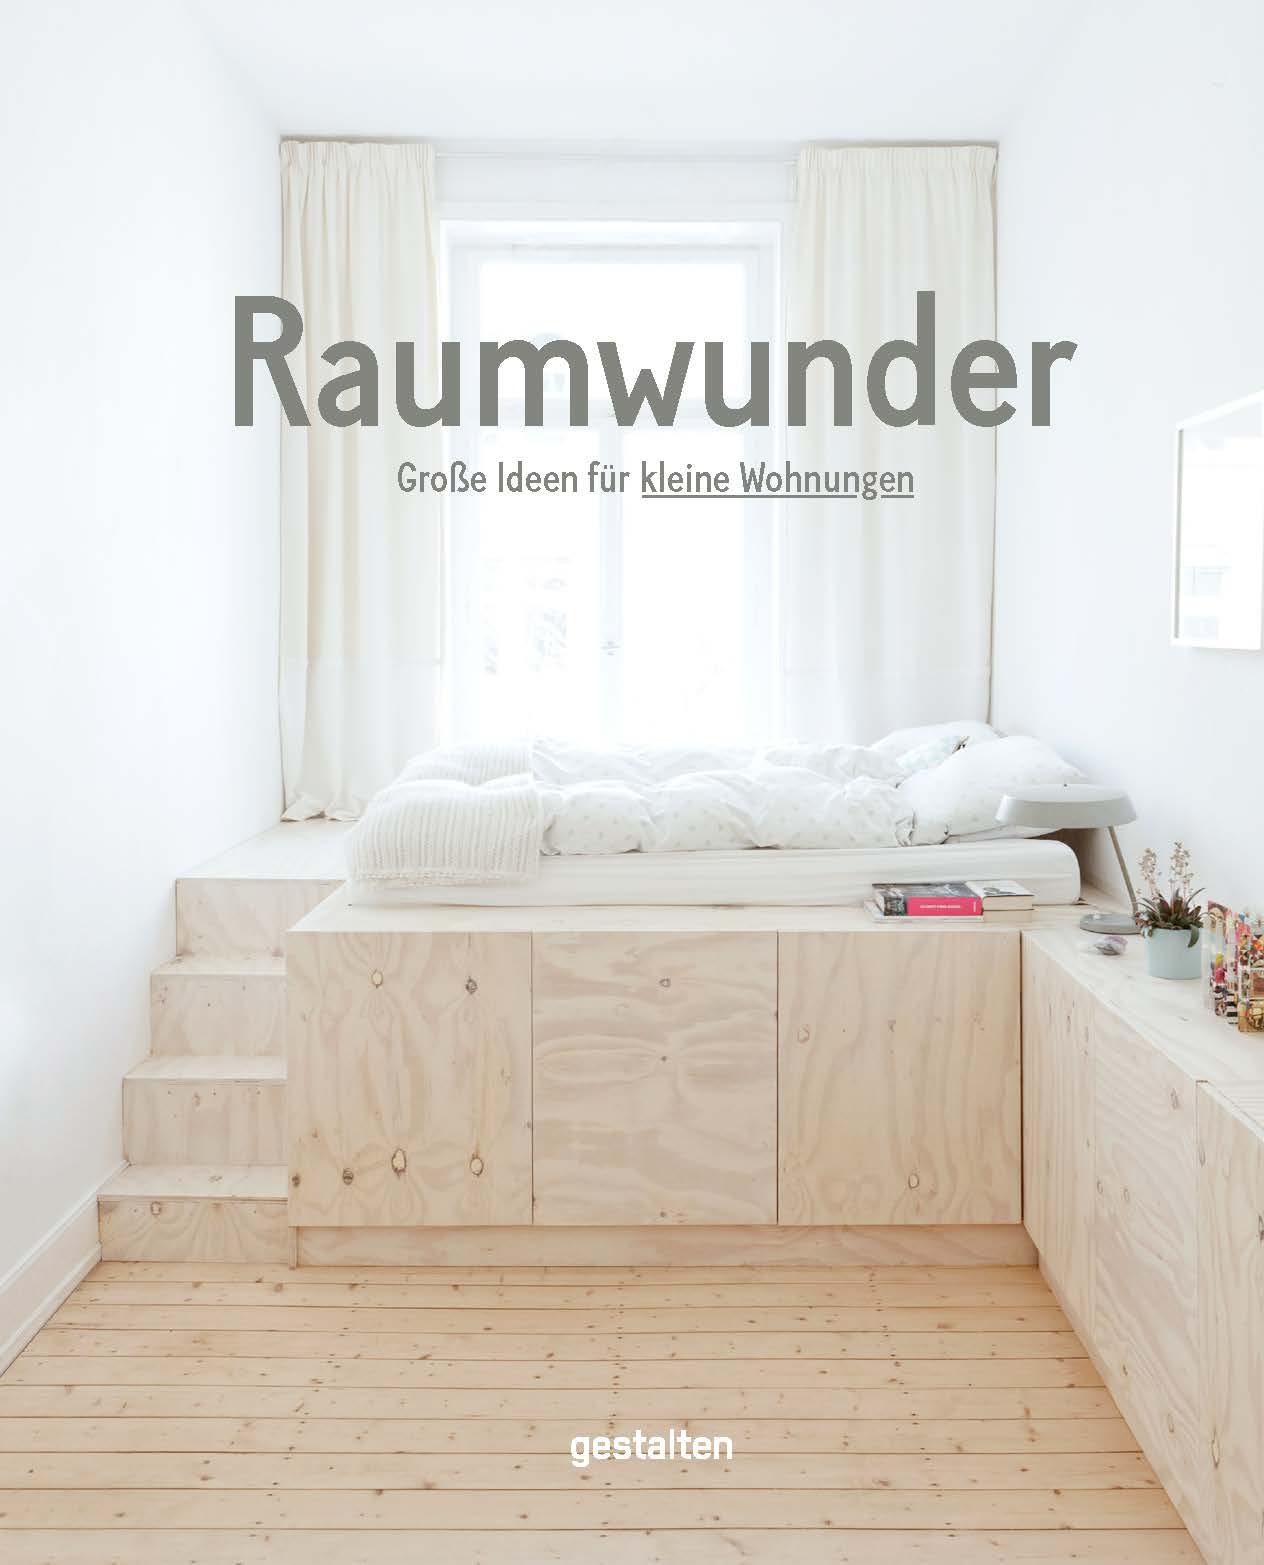 »Raumwunder« herausgegeben von Gestalten Verlag.